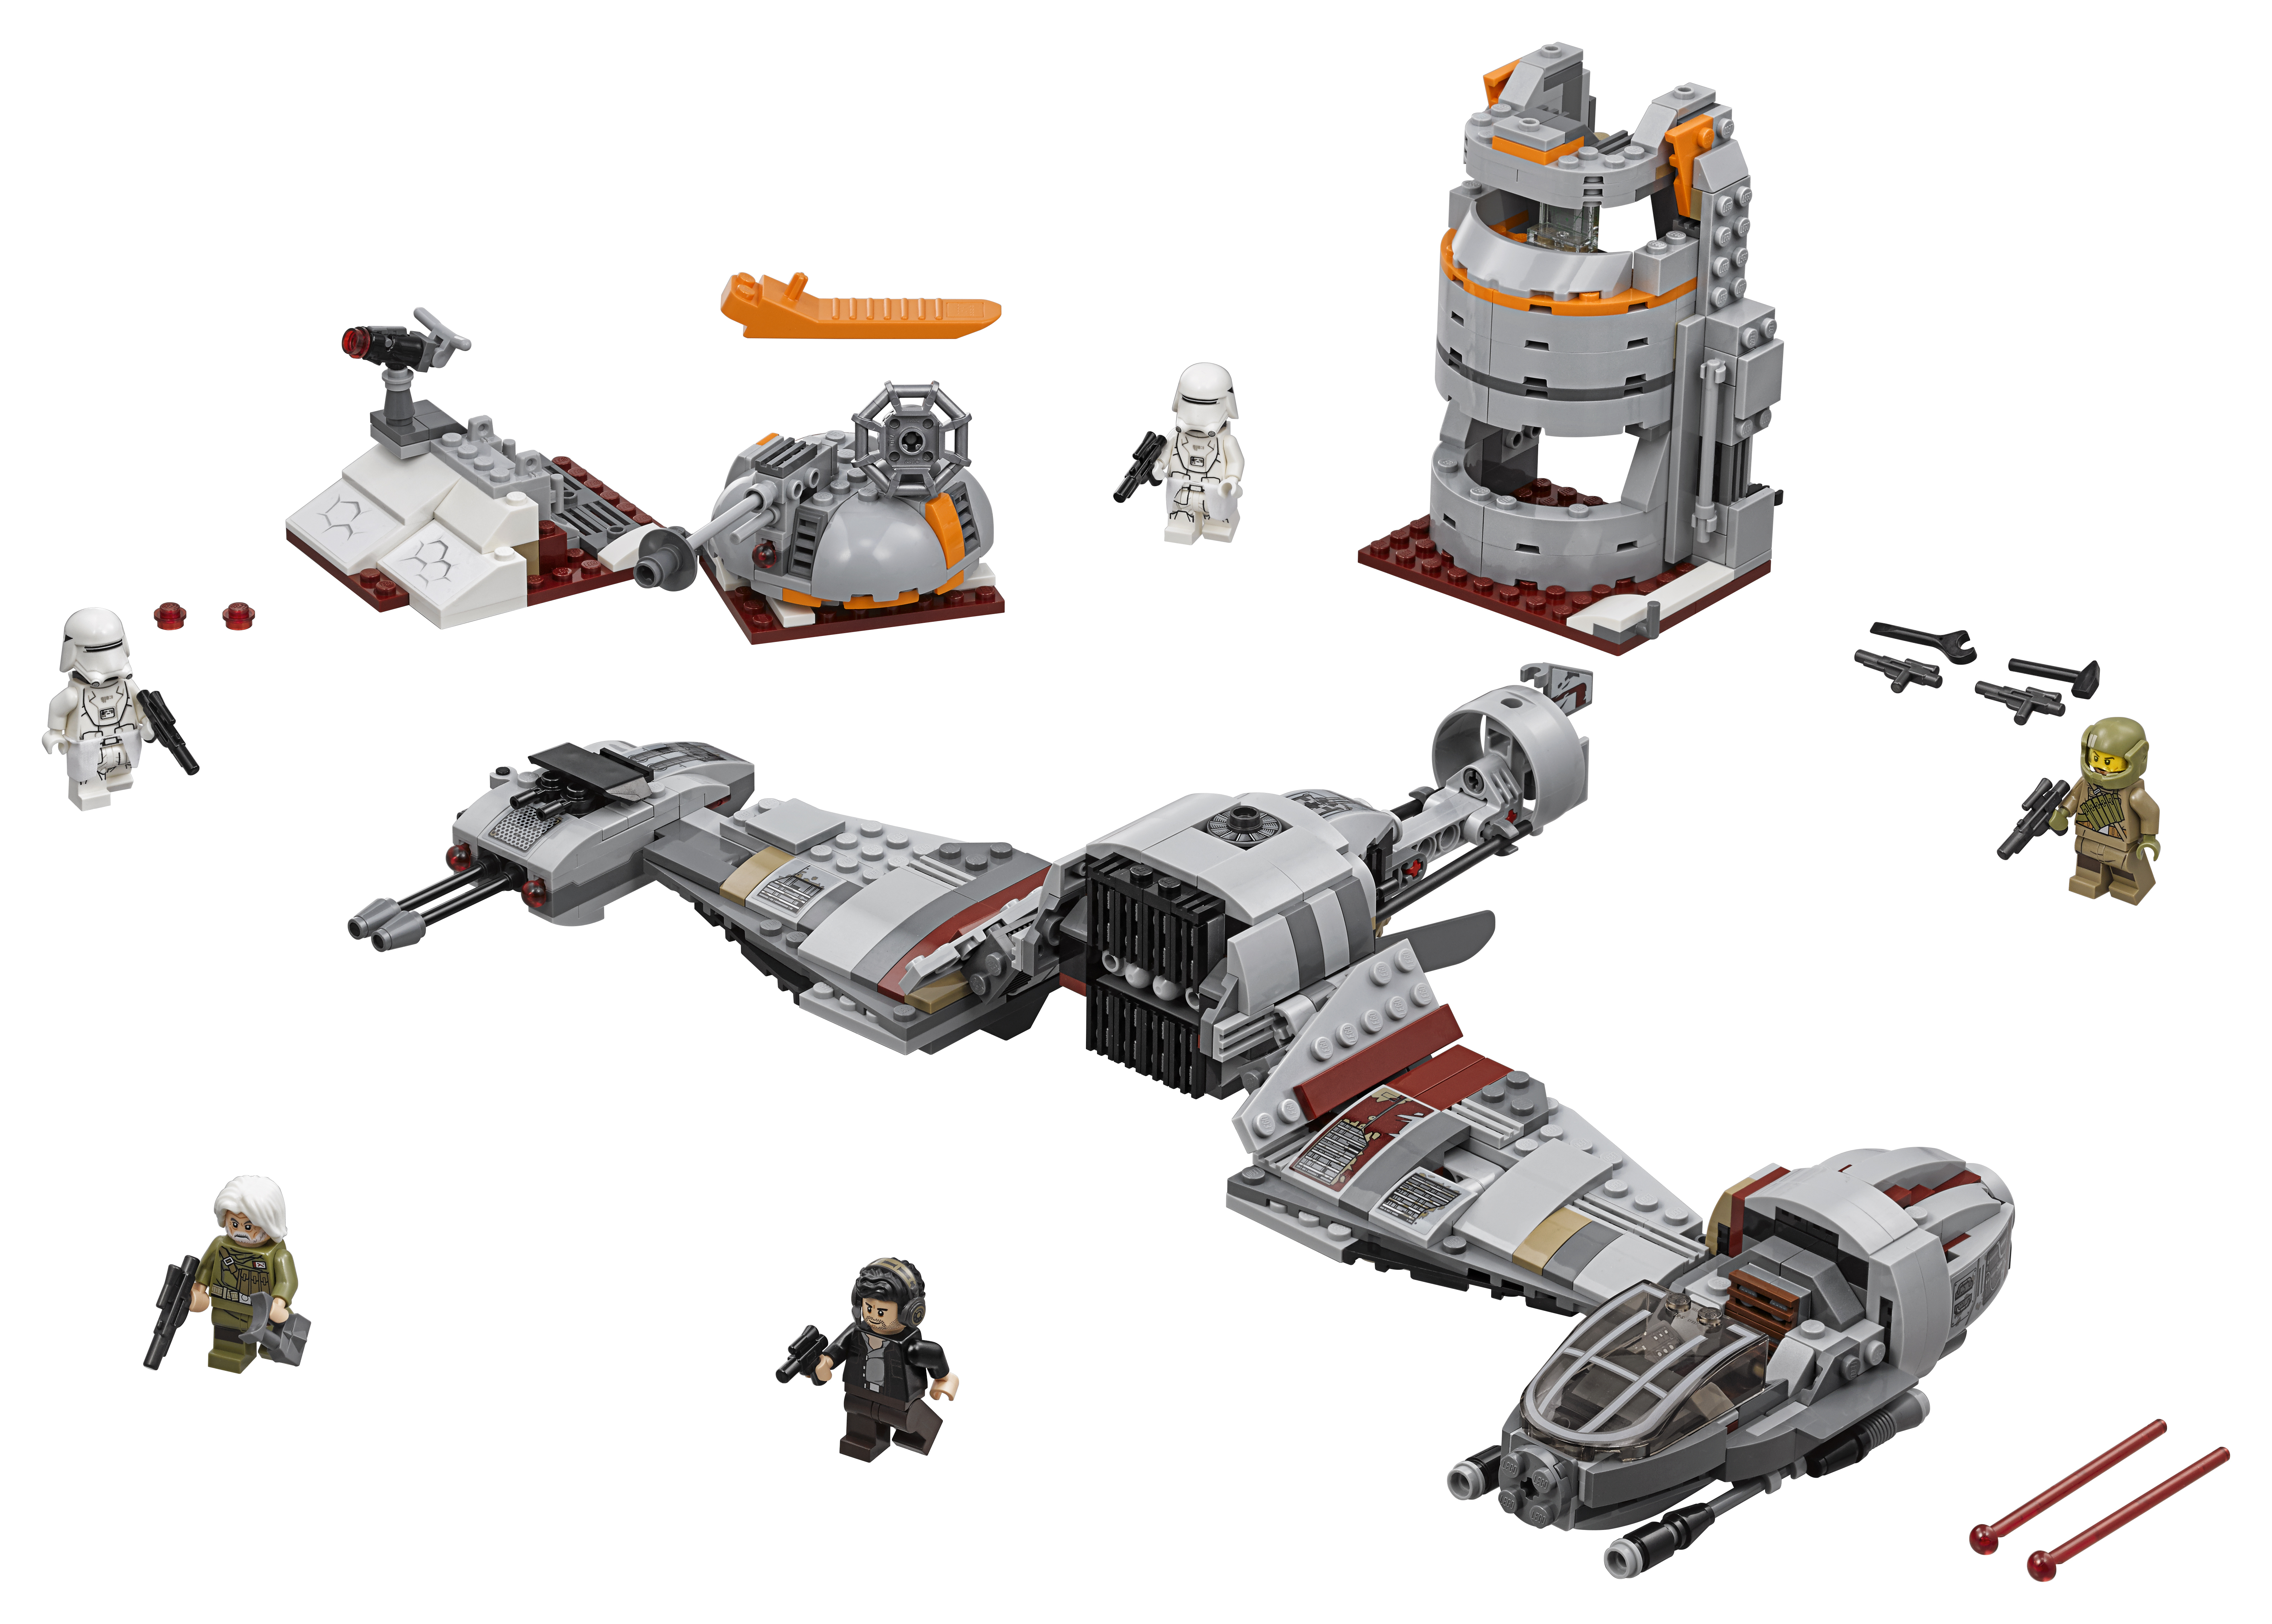 Купить Конструктор, 75202 Защита Крайта., 1шт., LEGO 75202, Чешская республика